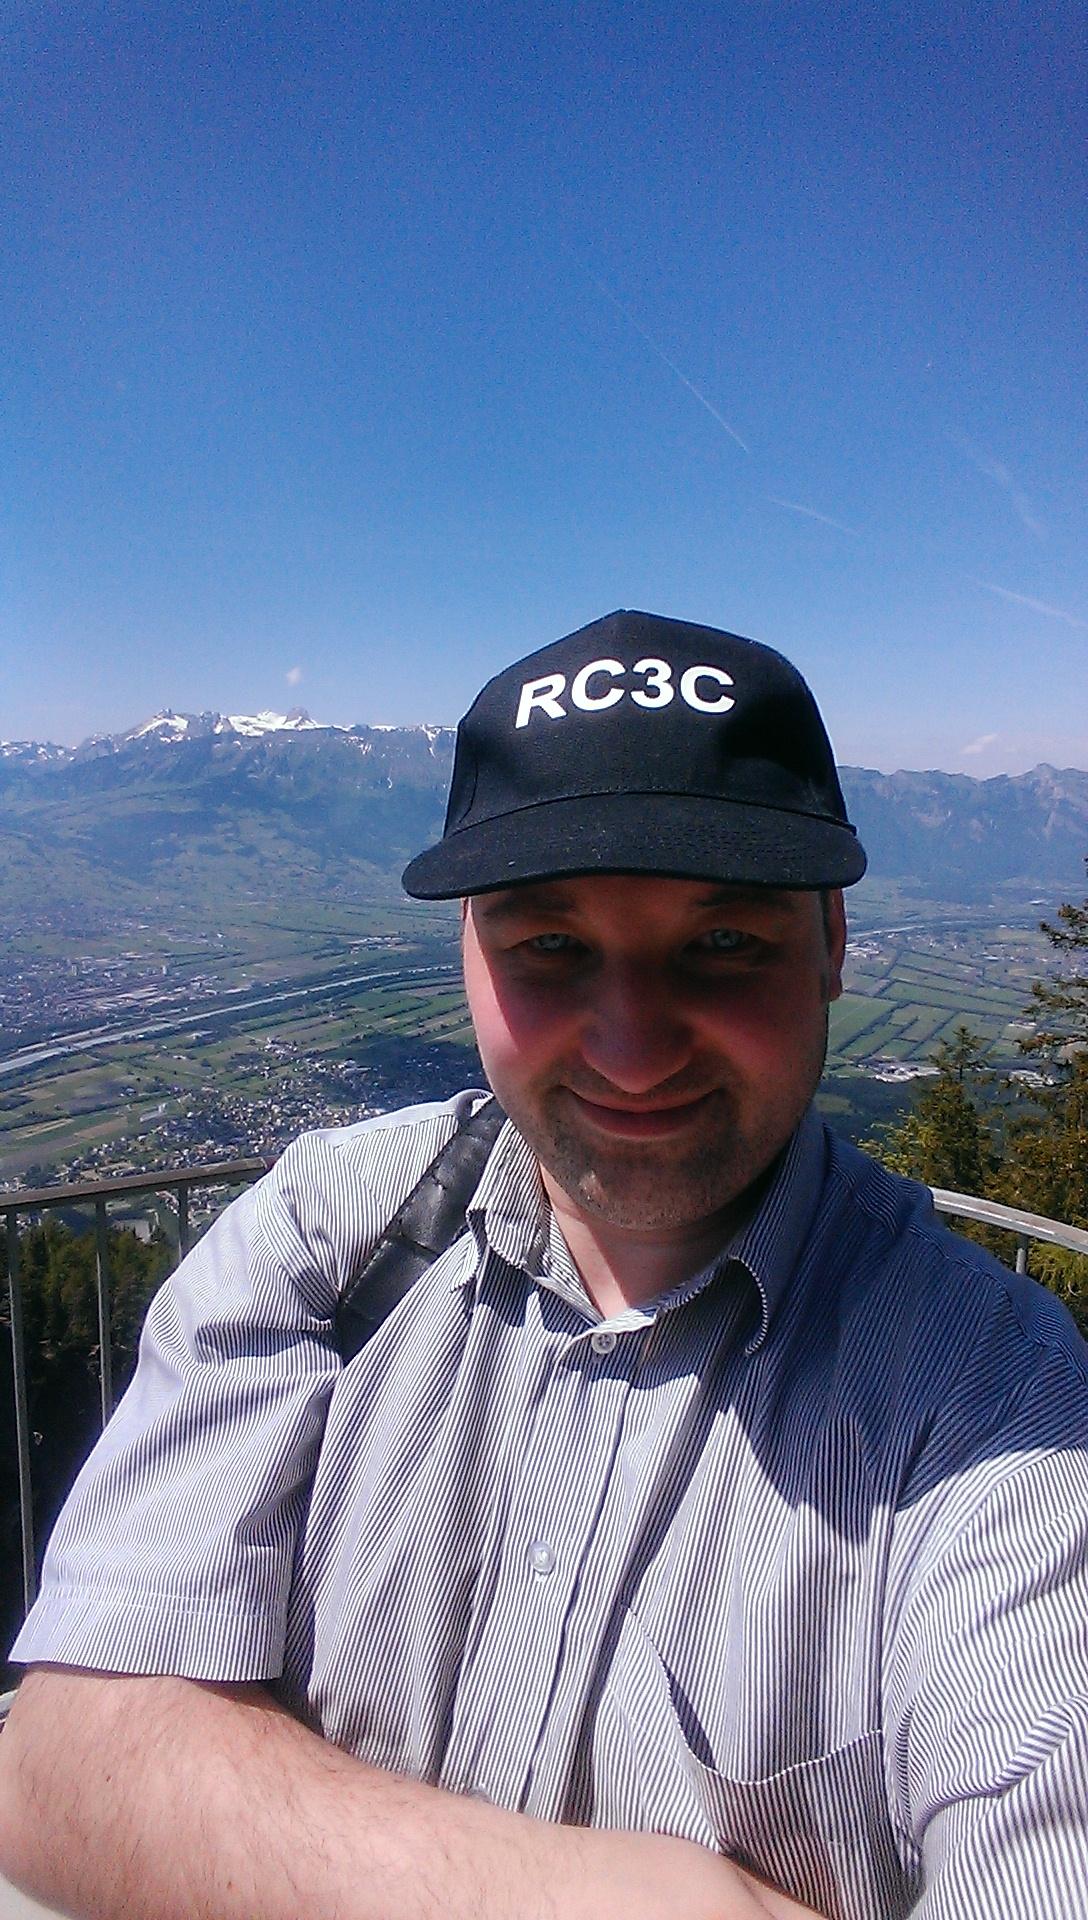 Фото HB0/RC3C гора Тризенберг, 2015 год